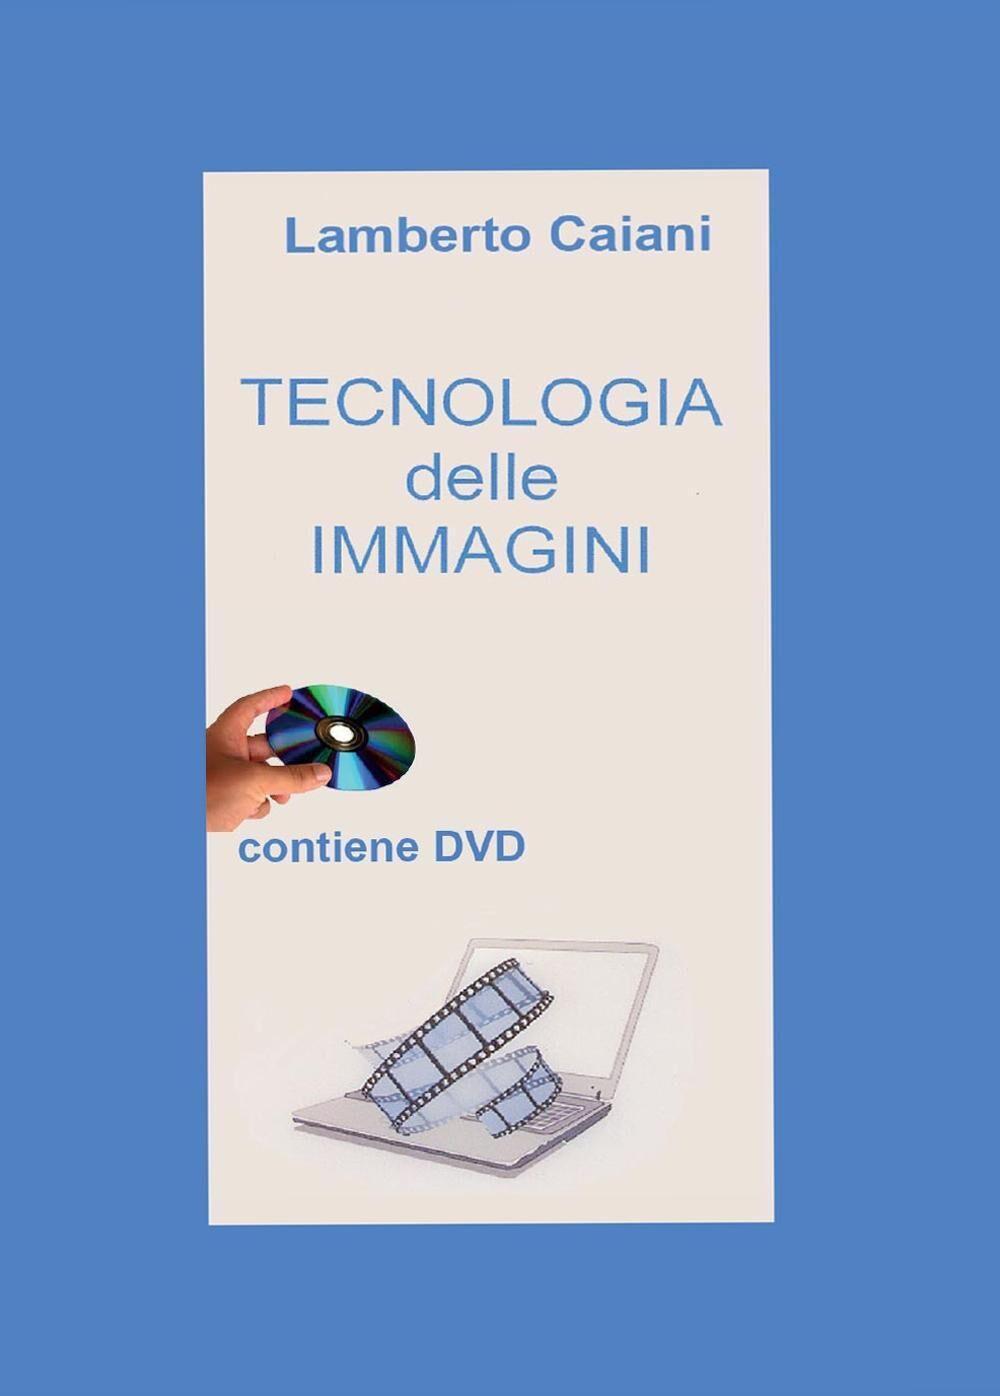 Tecnologia delle immagini